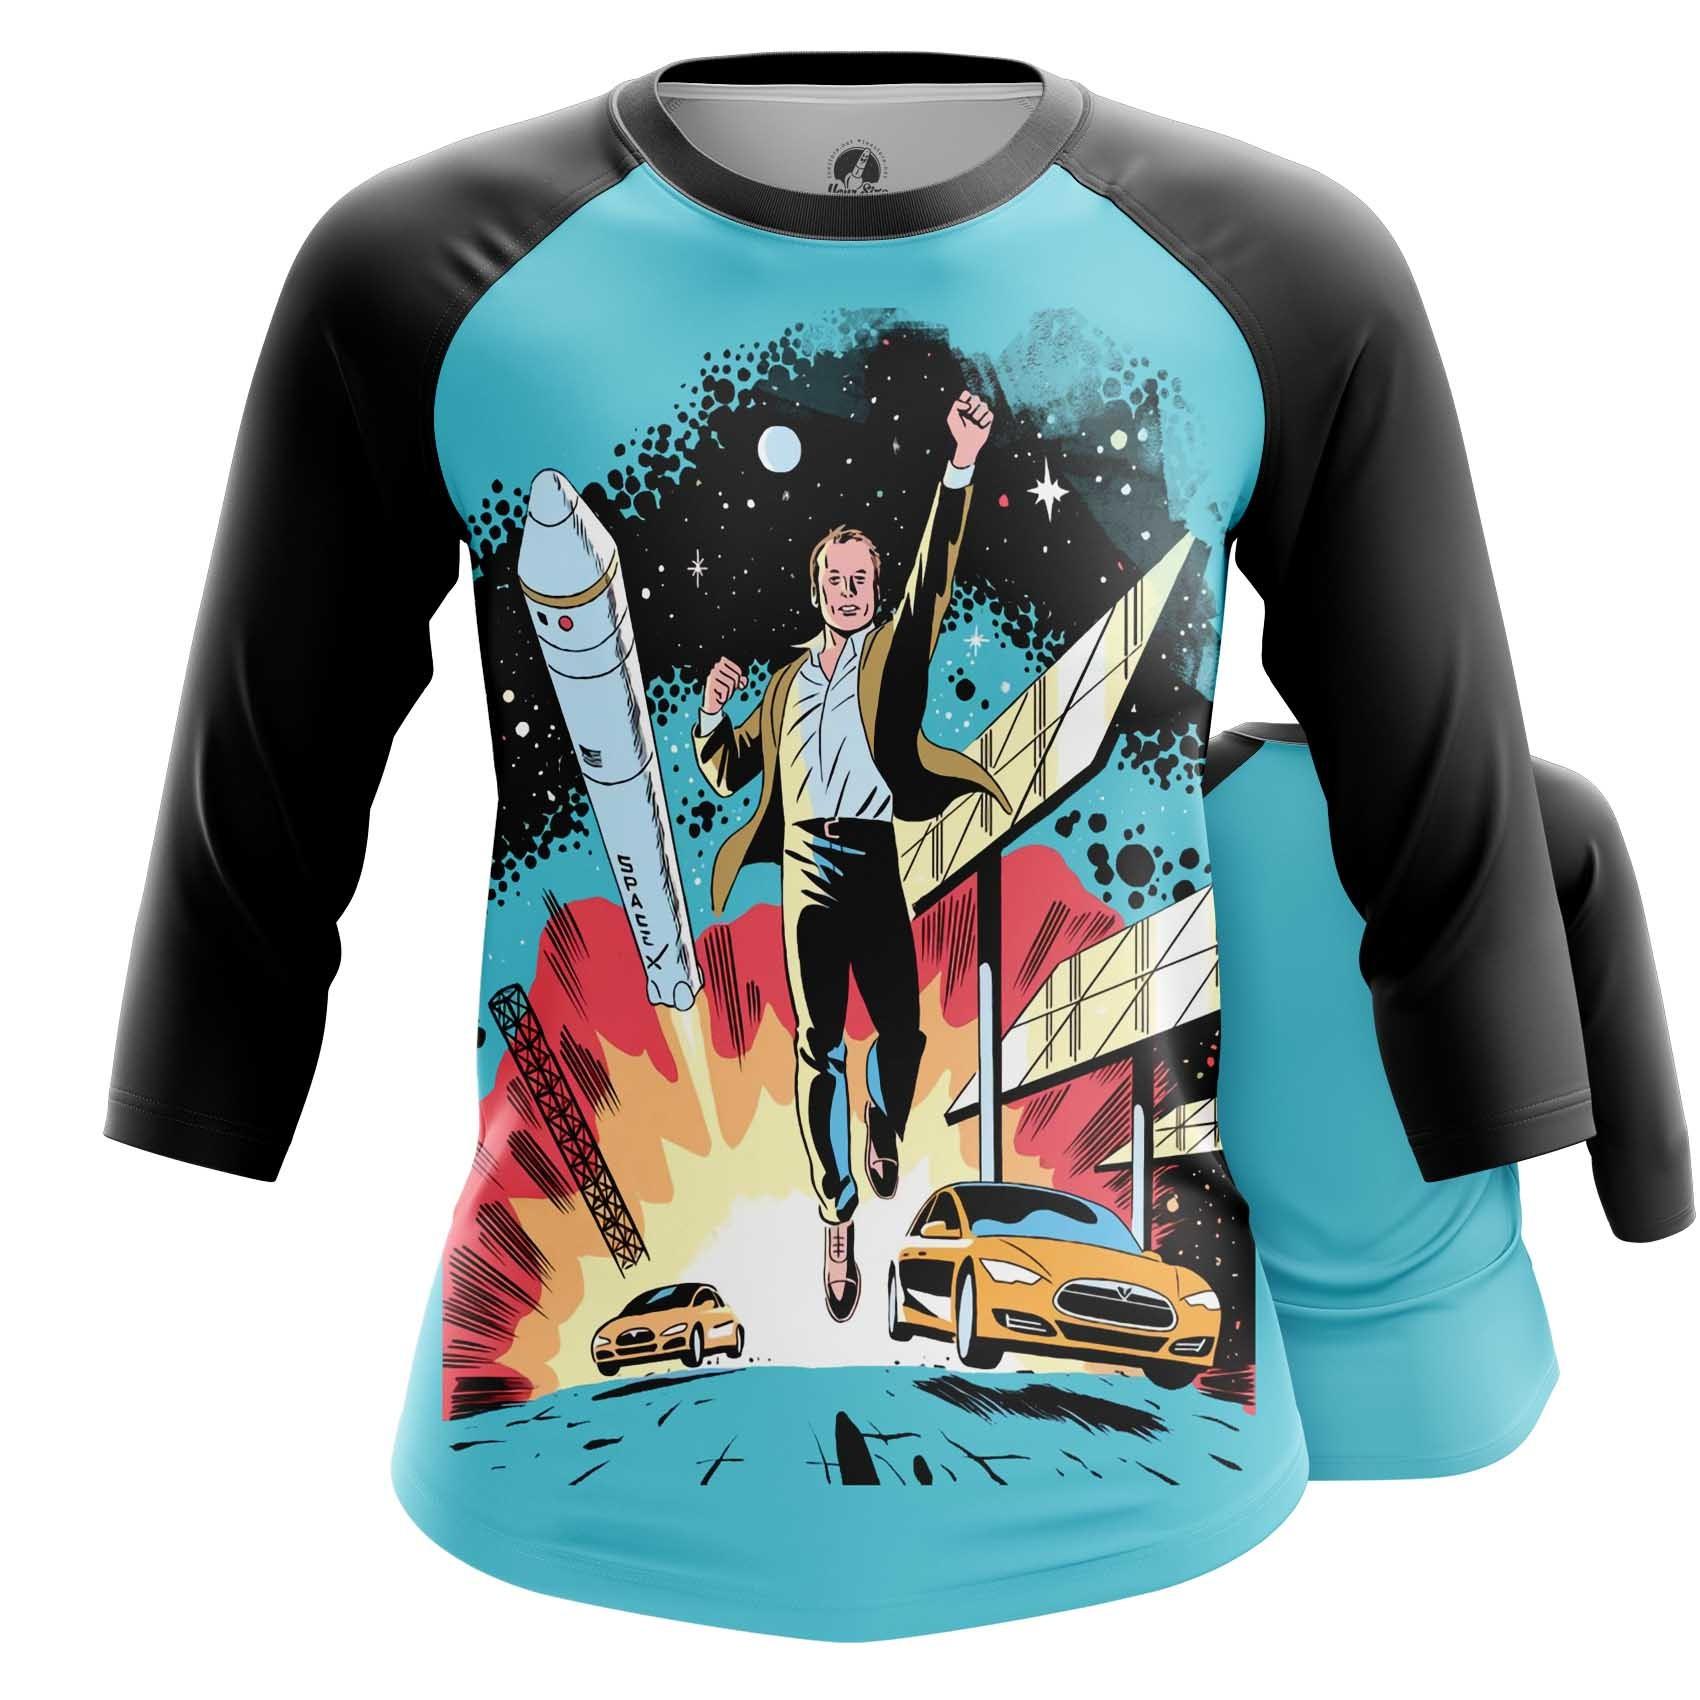 Merch Women'S T-Shirt Space X Elon Musk Merch Top